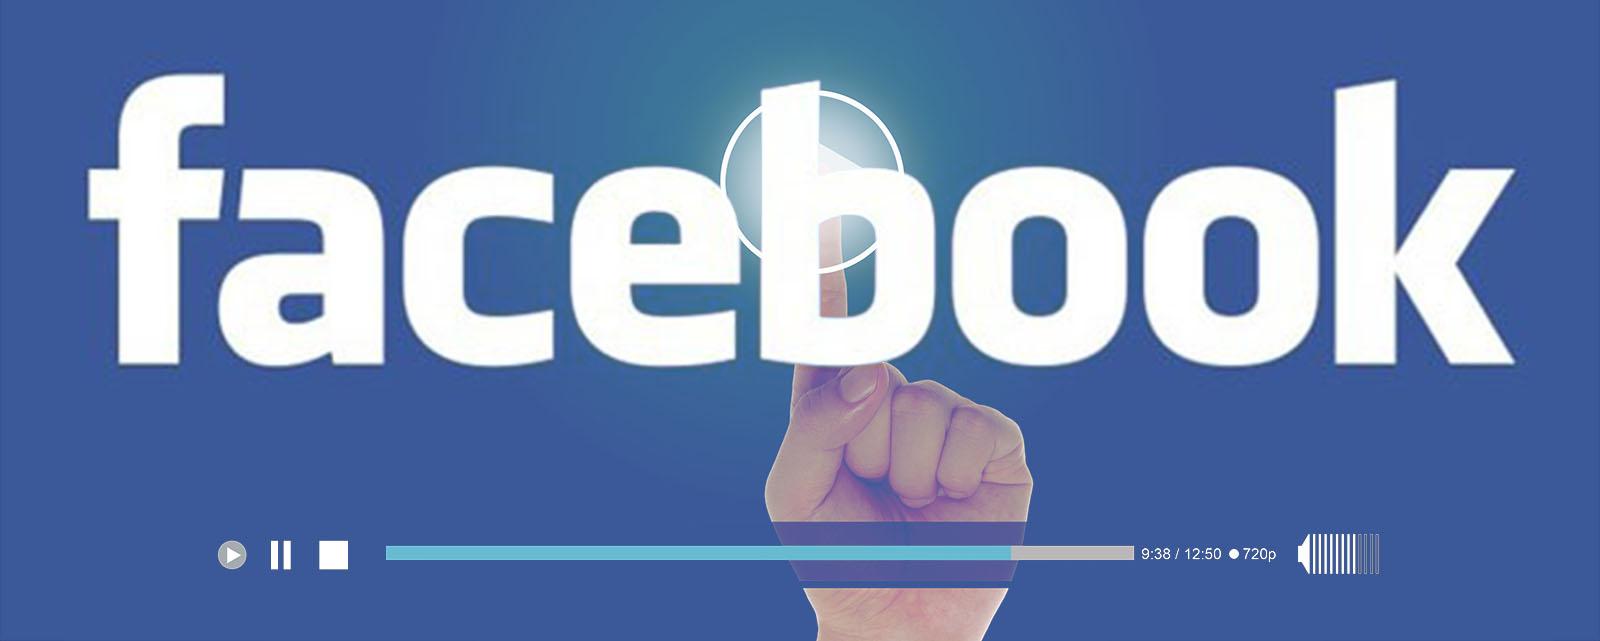 dich-vu-quang-cao-video-tren-facebook 4